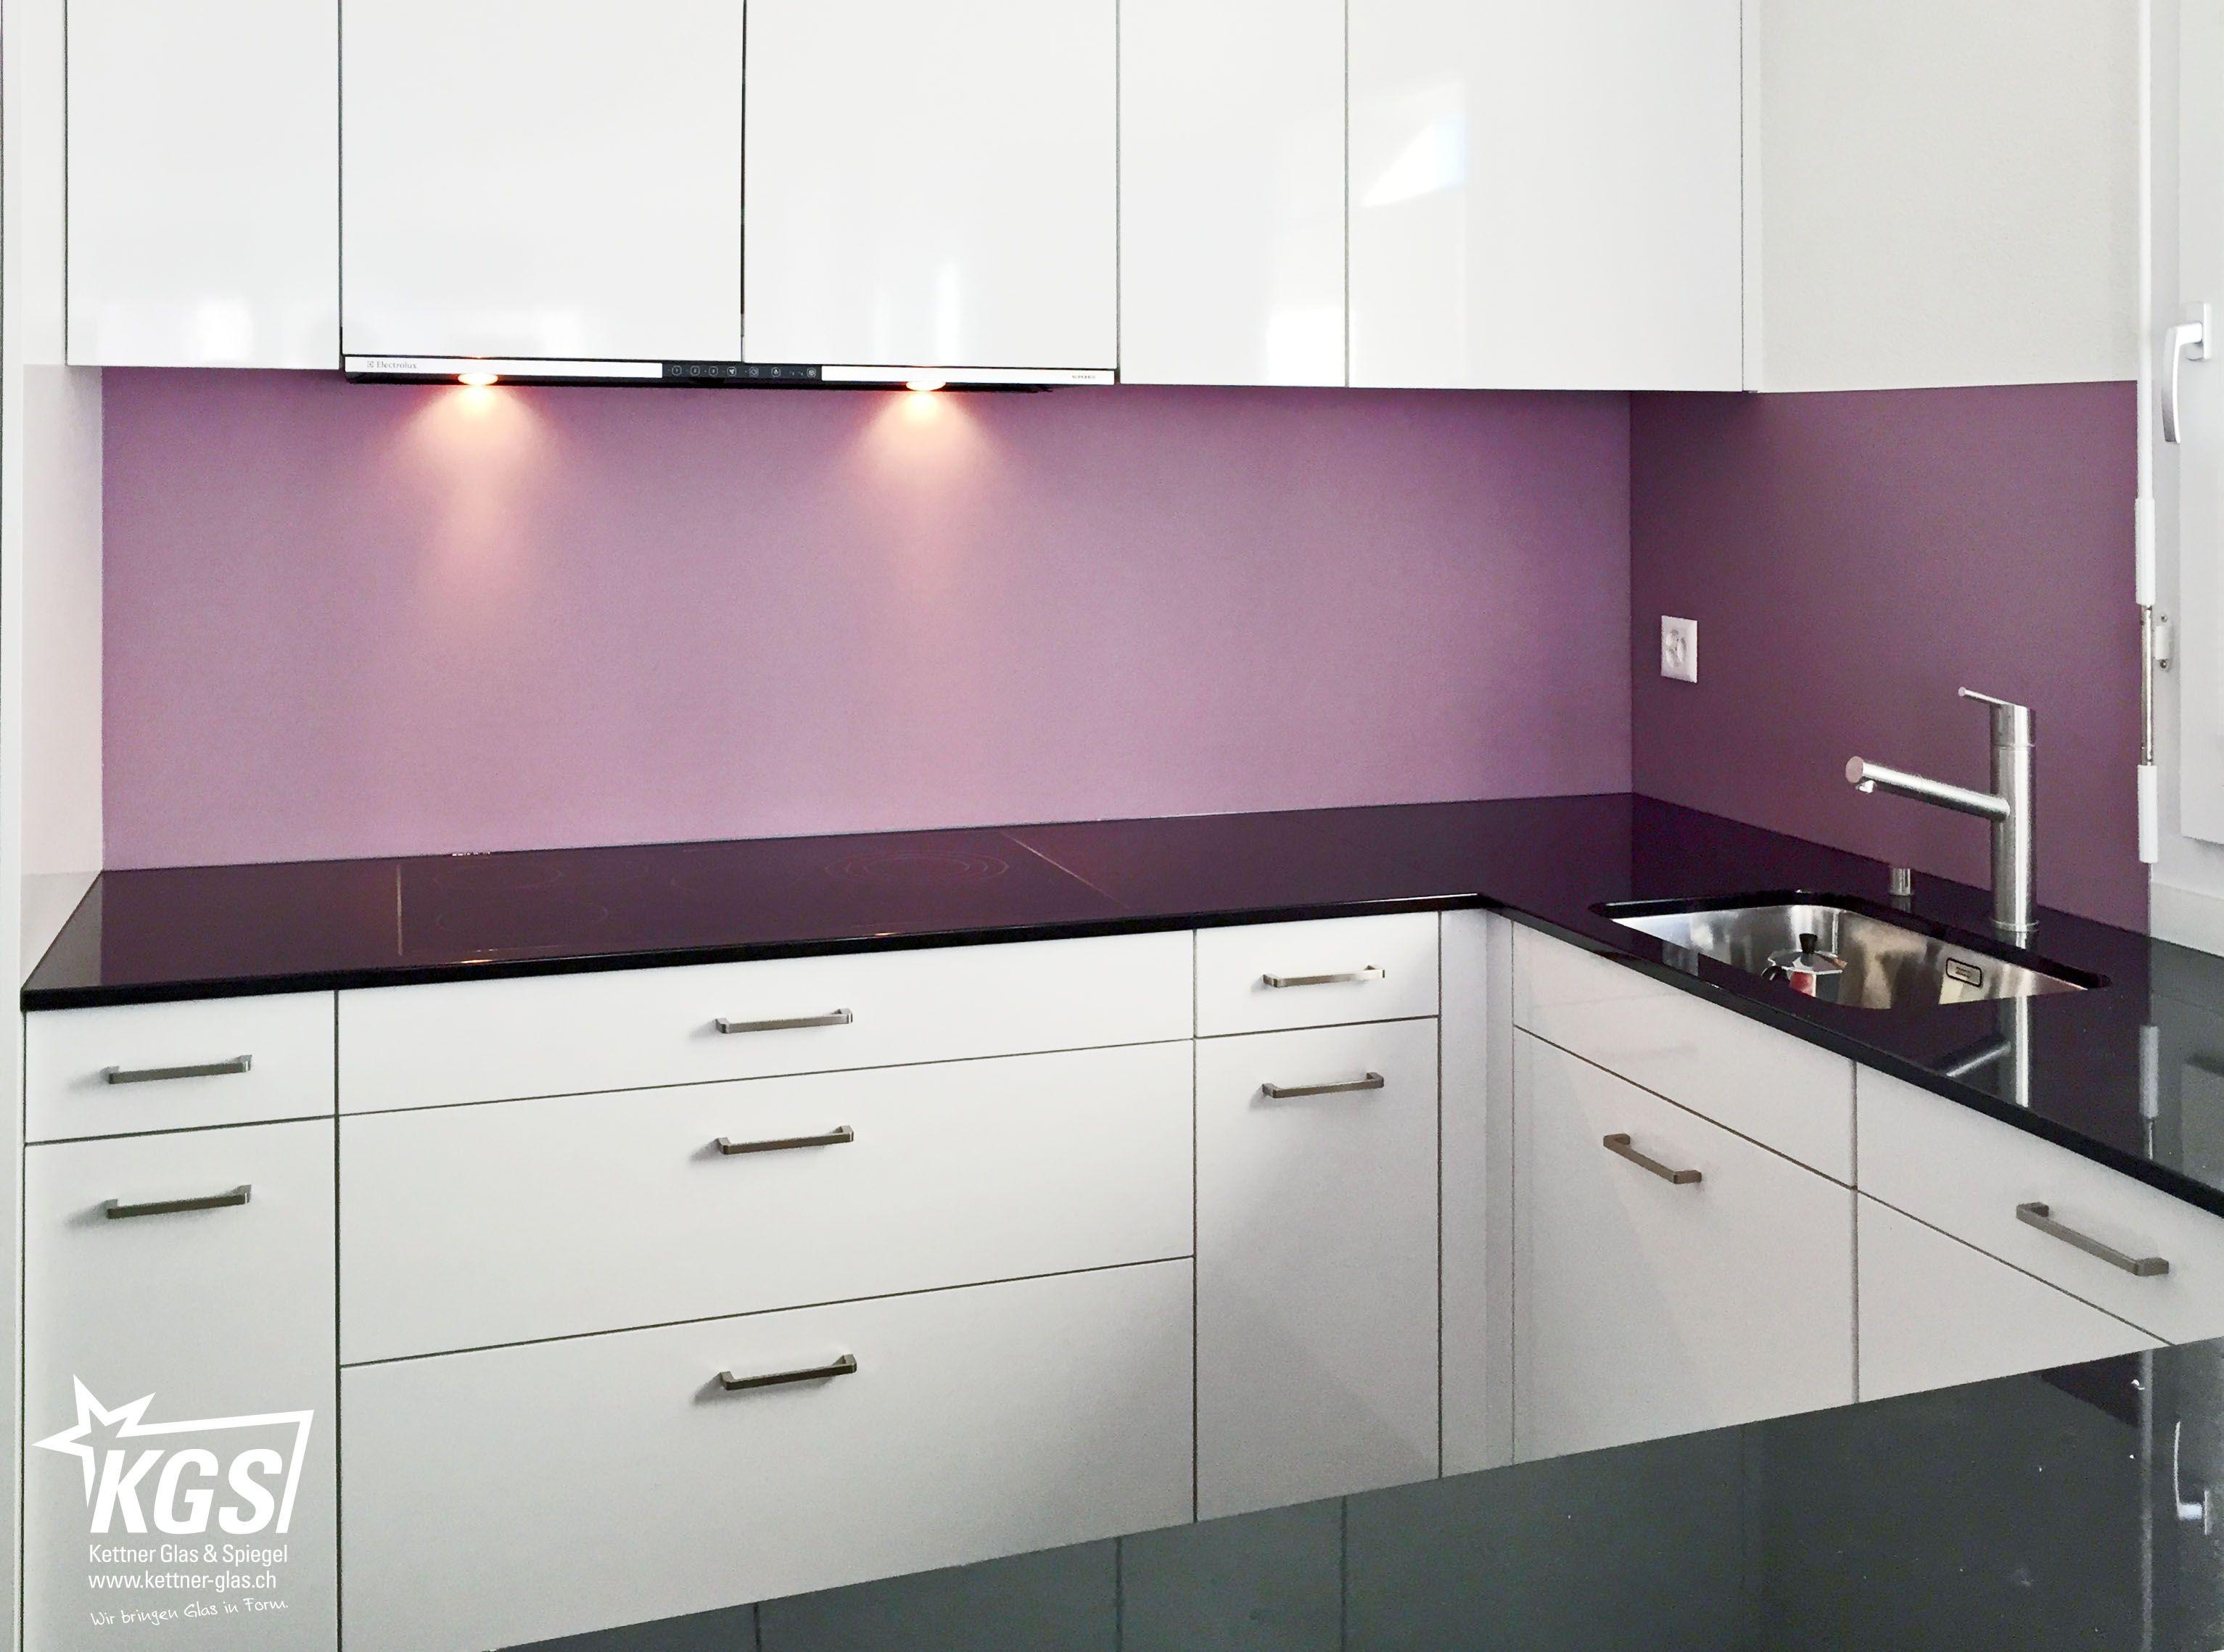 #Satinato  #Glas  #Küchenrückwand In #RAL4009 Von Ihrer #Glaserei: #Violett  Oder #Lila Ist Eine Mischung Aus #Rot Und #Blau Mit Vielen  Unterschiedlichen ...